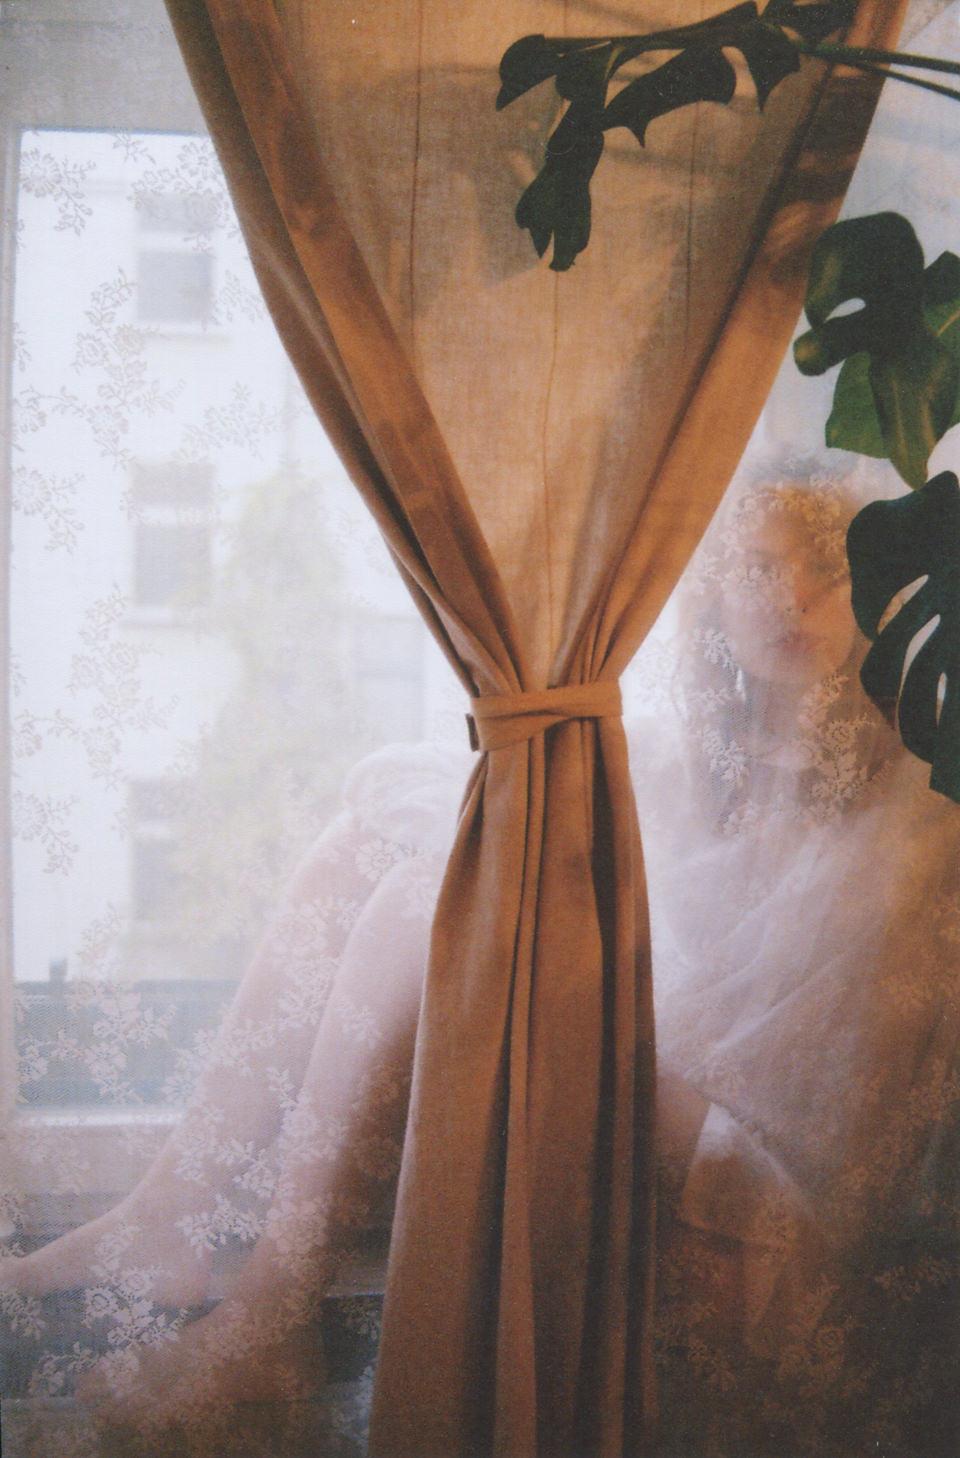 Eine Frau hinter einem Vorhang, hinter einem Vorhang.